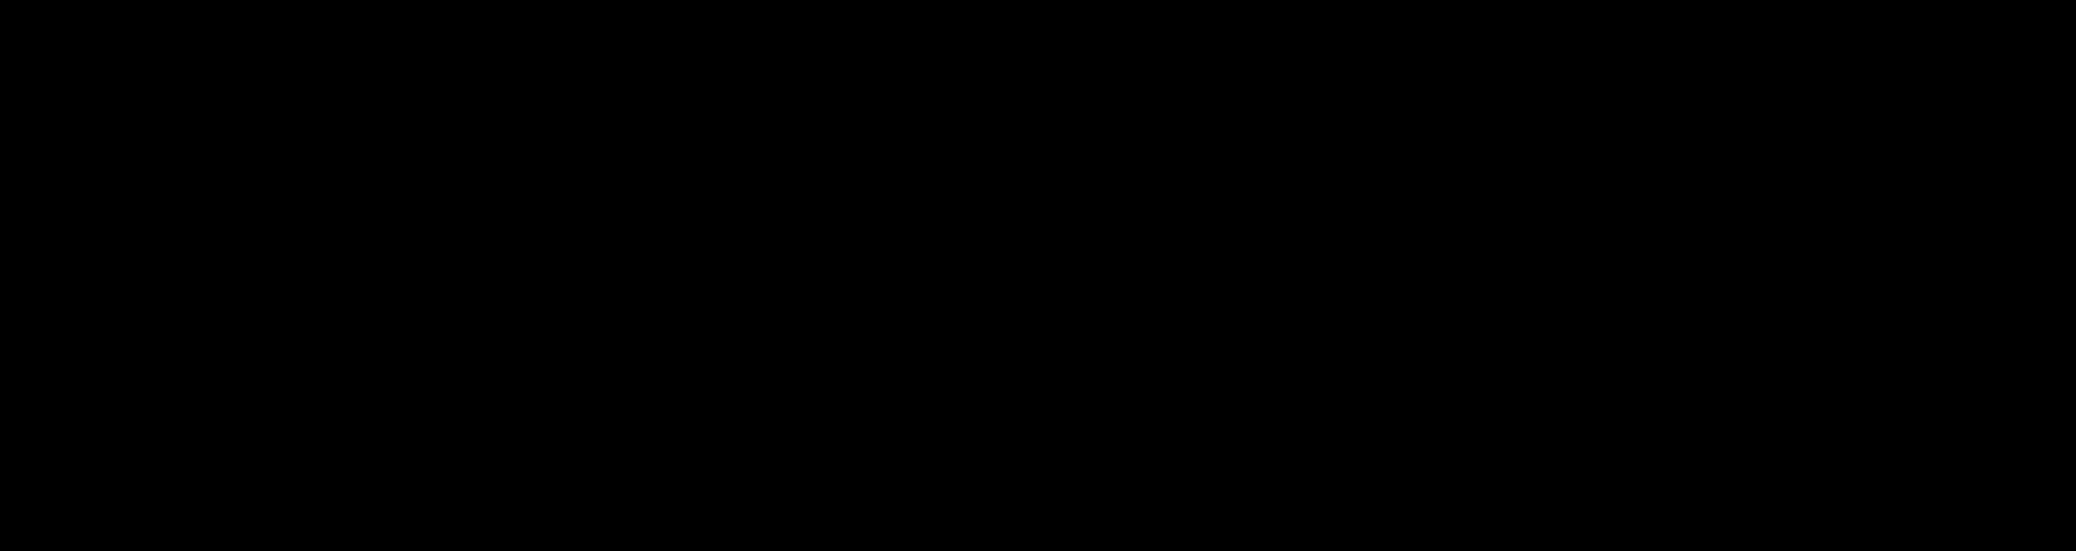 1-Palmitoyl-2-oleoyl-sn-glycerol-3-phosphocholine-d31